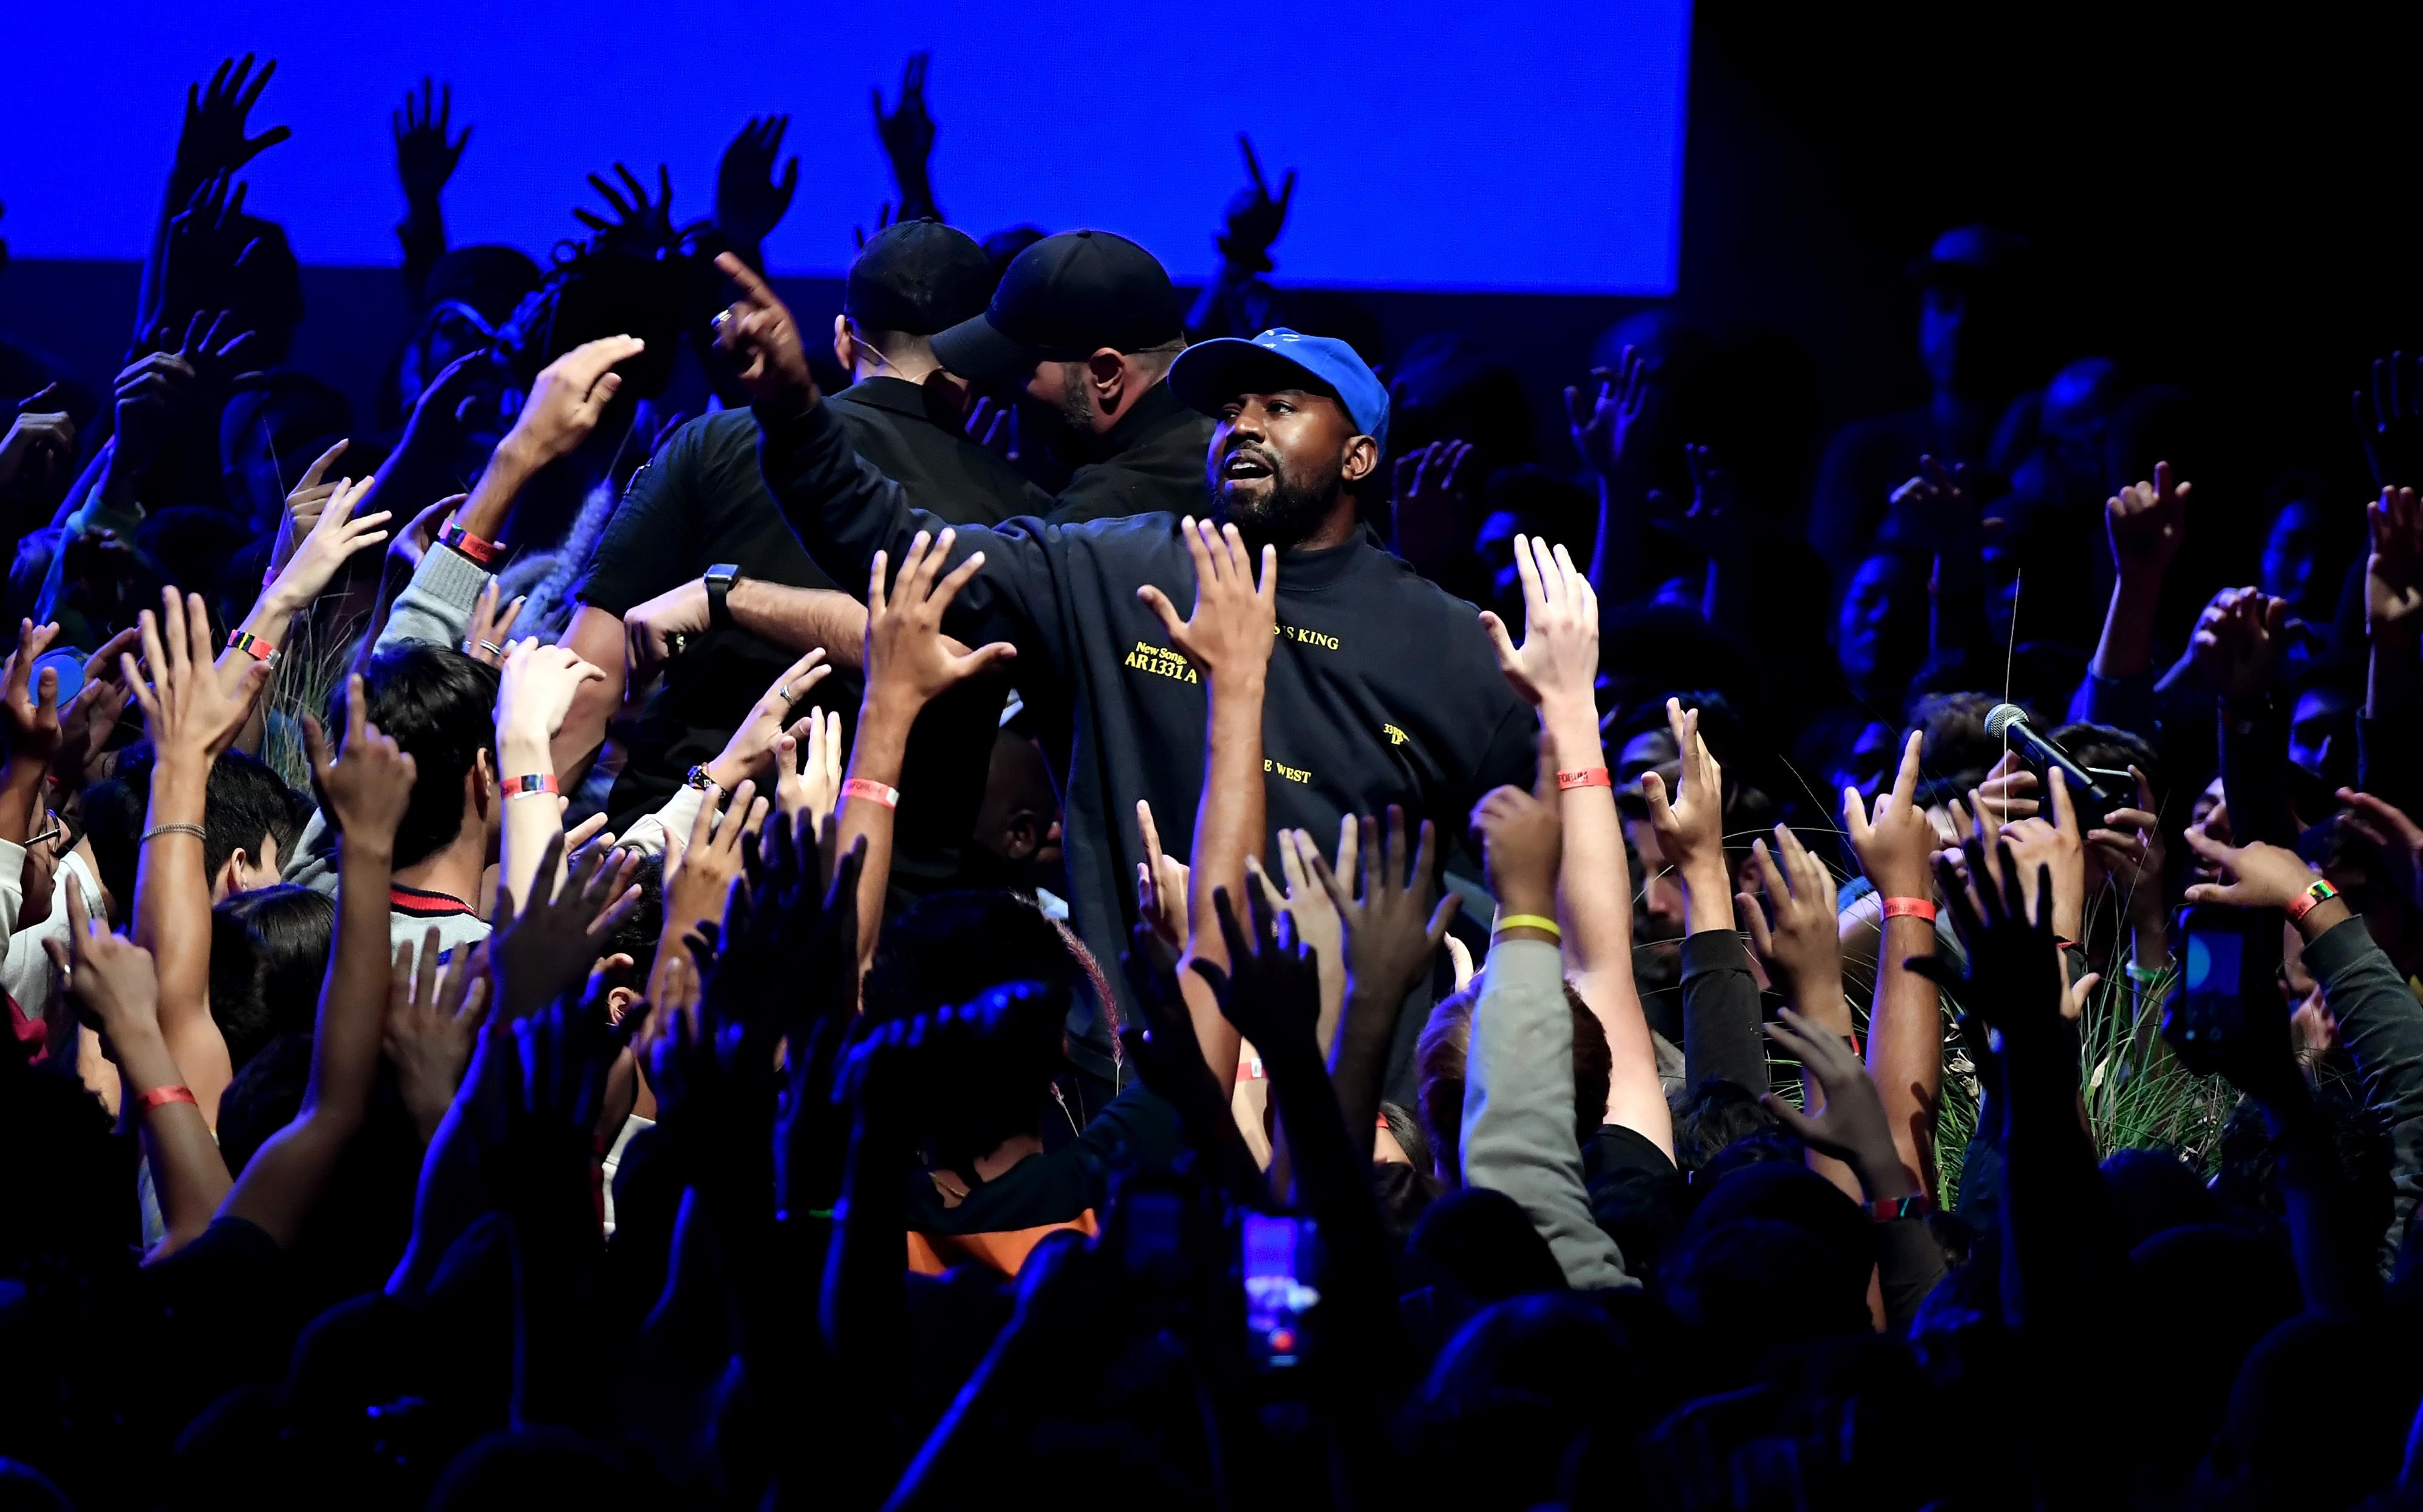 Kanye West, HAIM, Tame Impala… Estrenamos noviembre con estas 5 novedades musicales